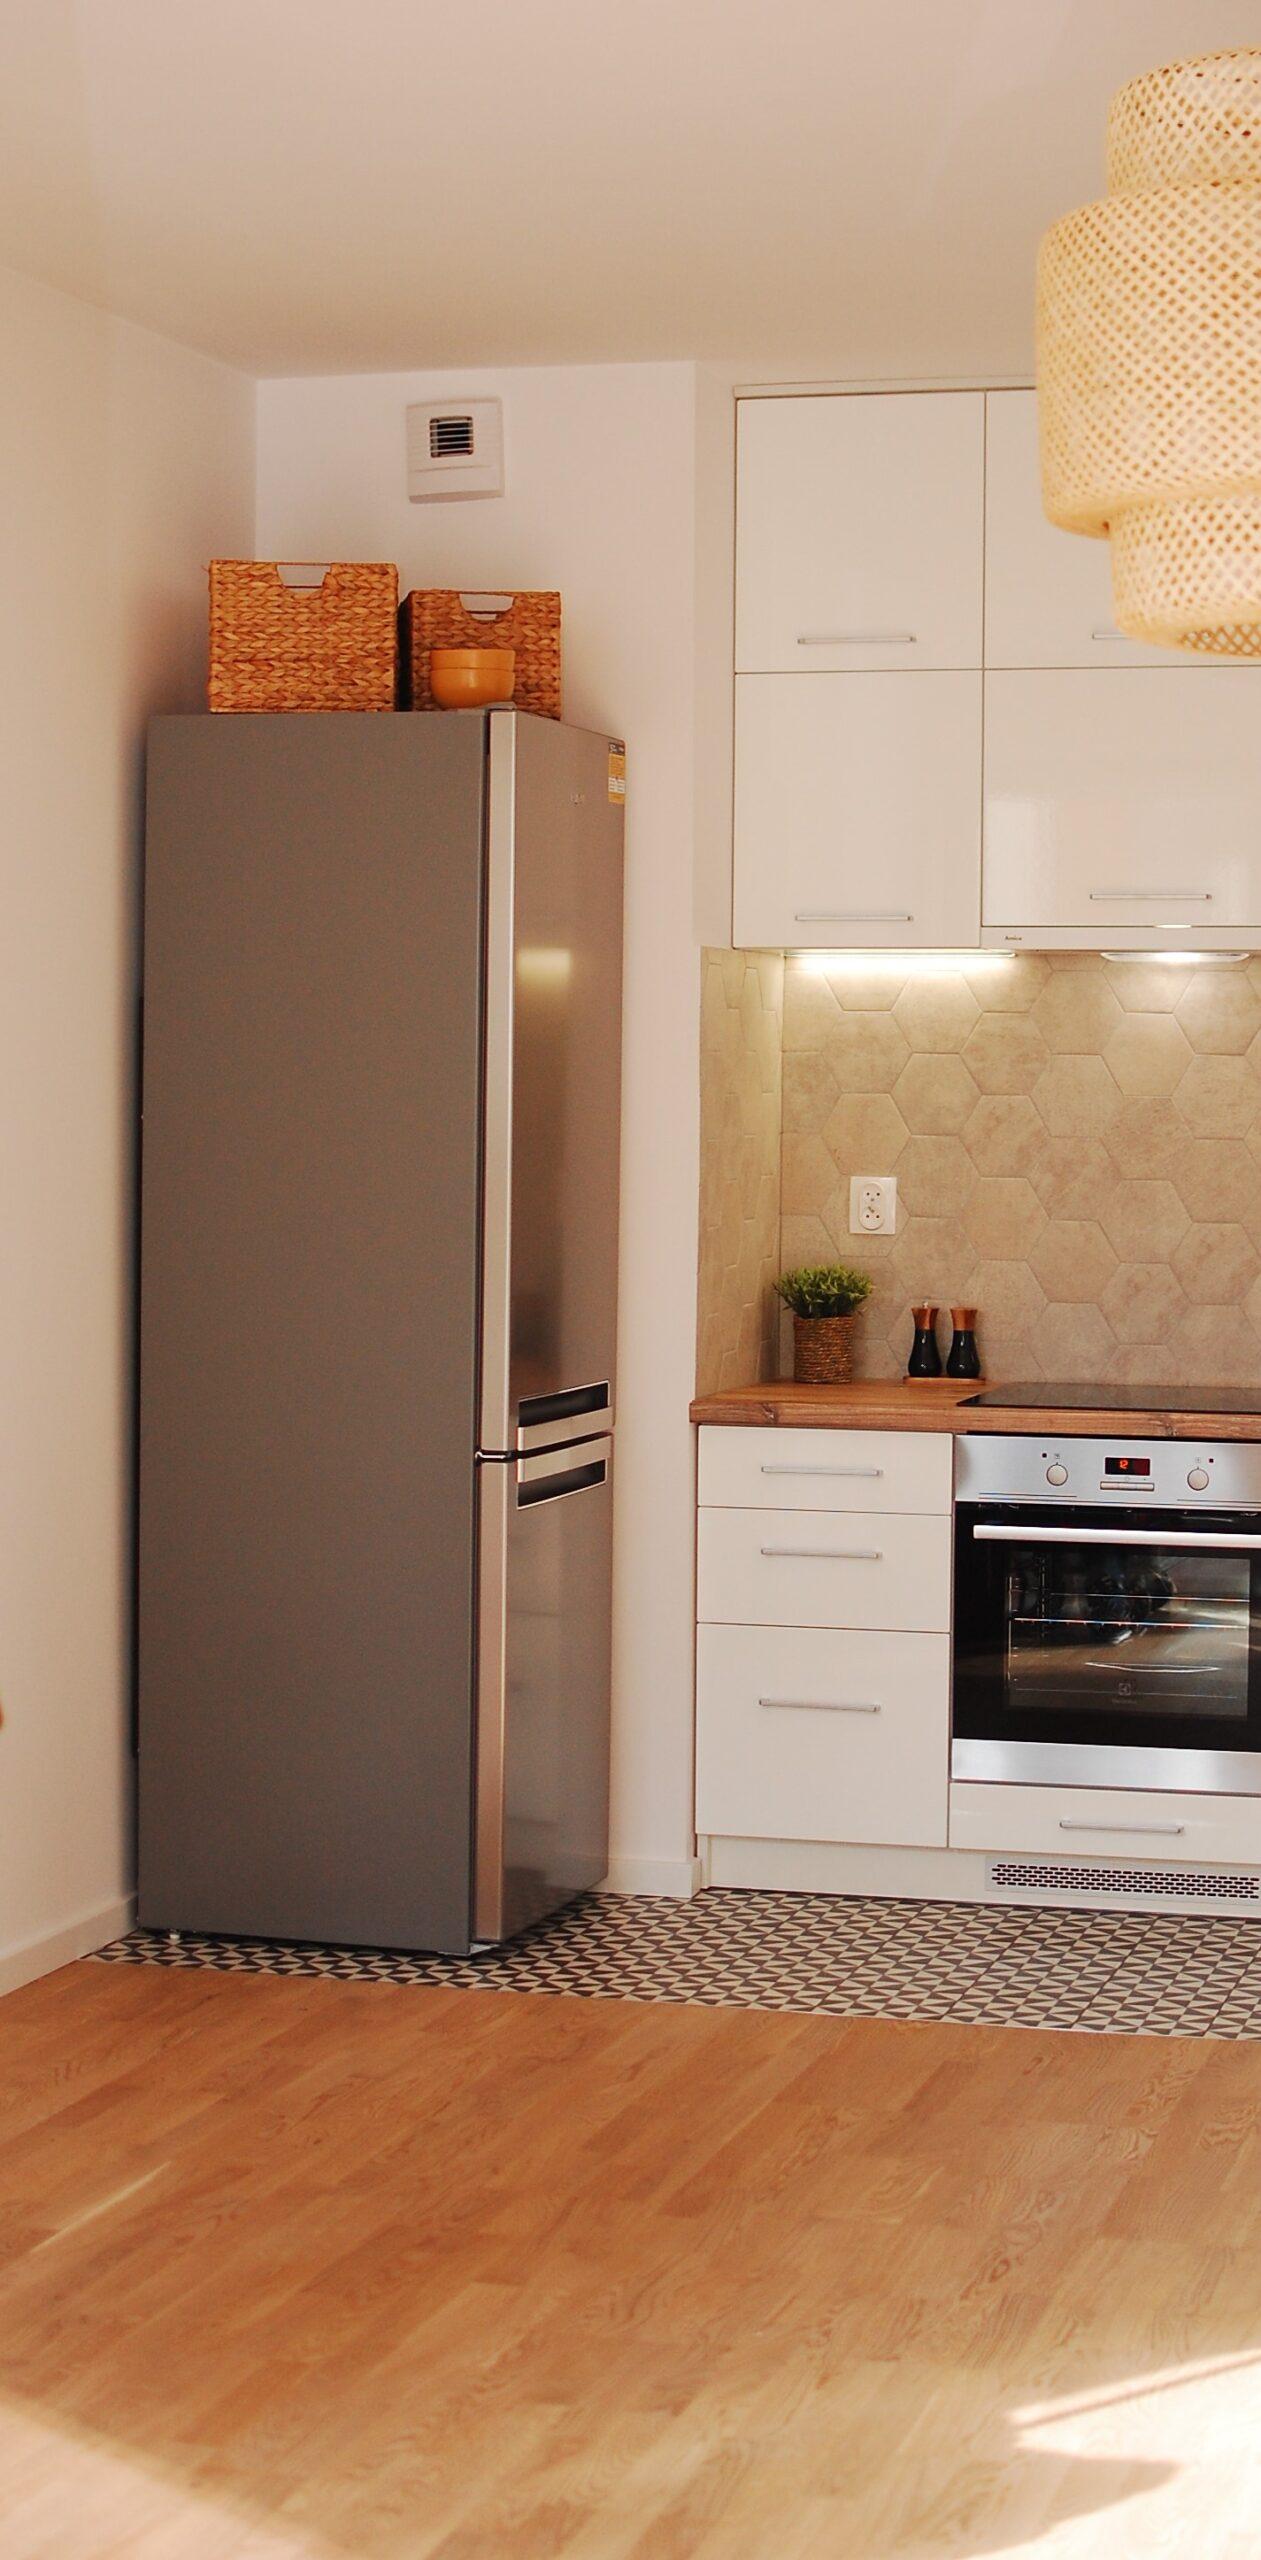 kup sobie chate pierwszy projekt kuchnia